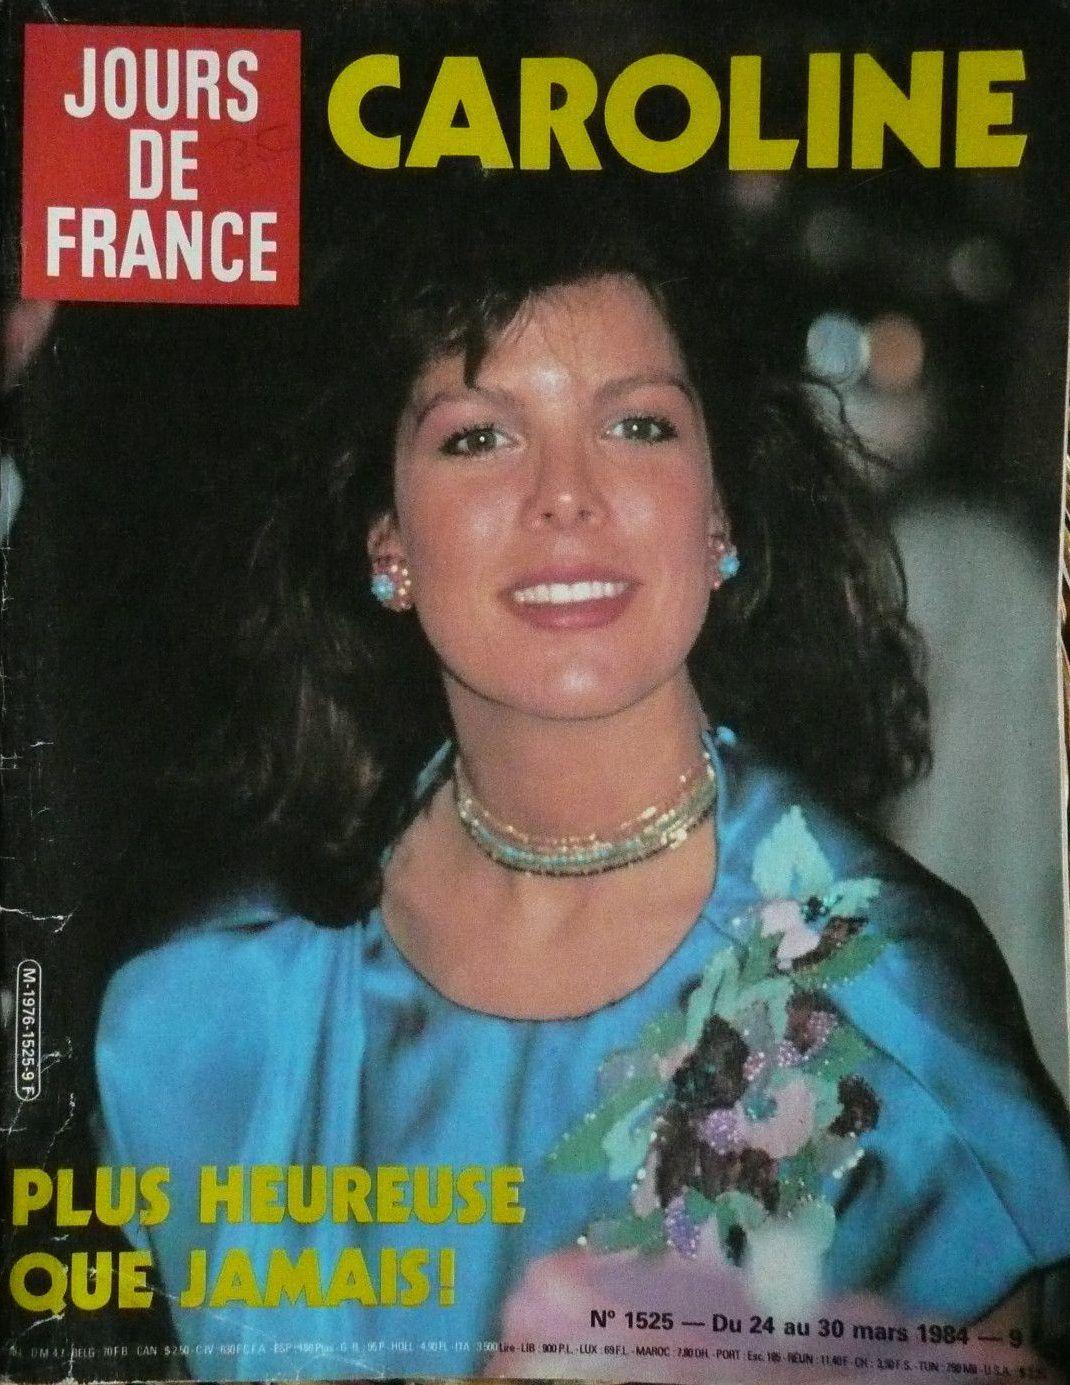 Jours de France - Cover - March 1984 - Princess Caroline